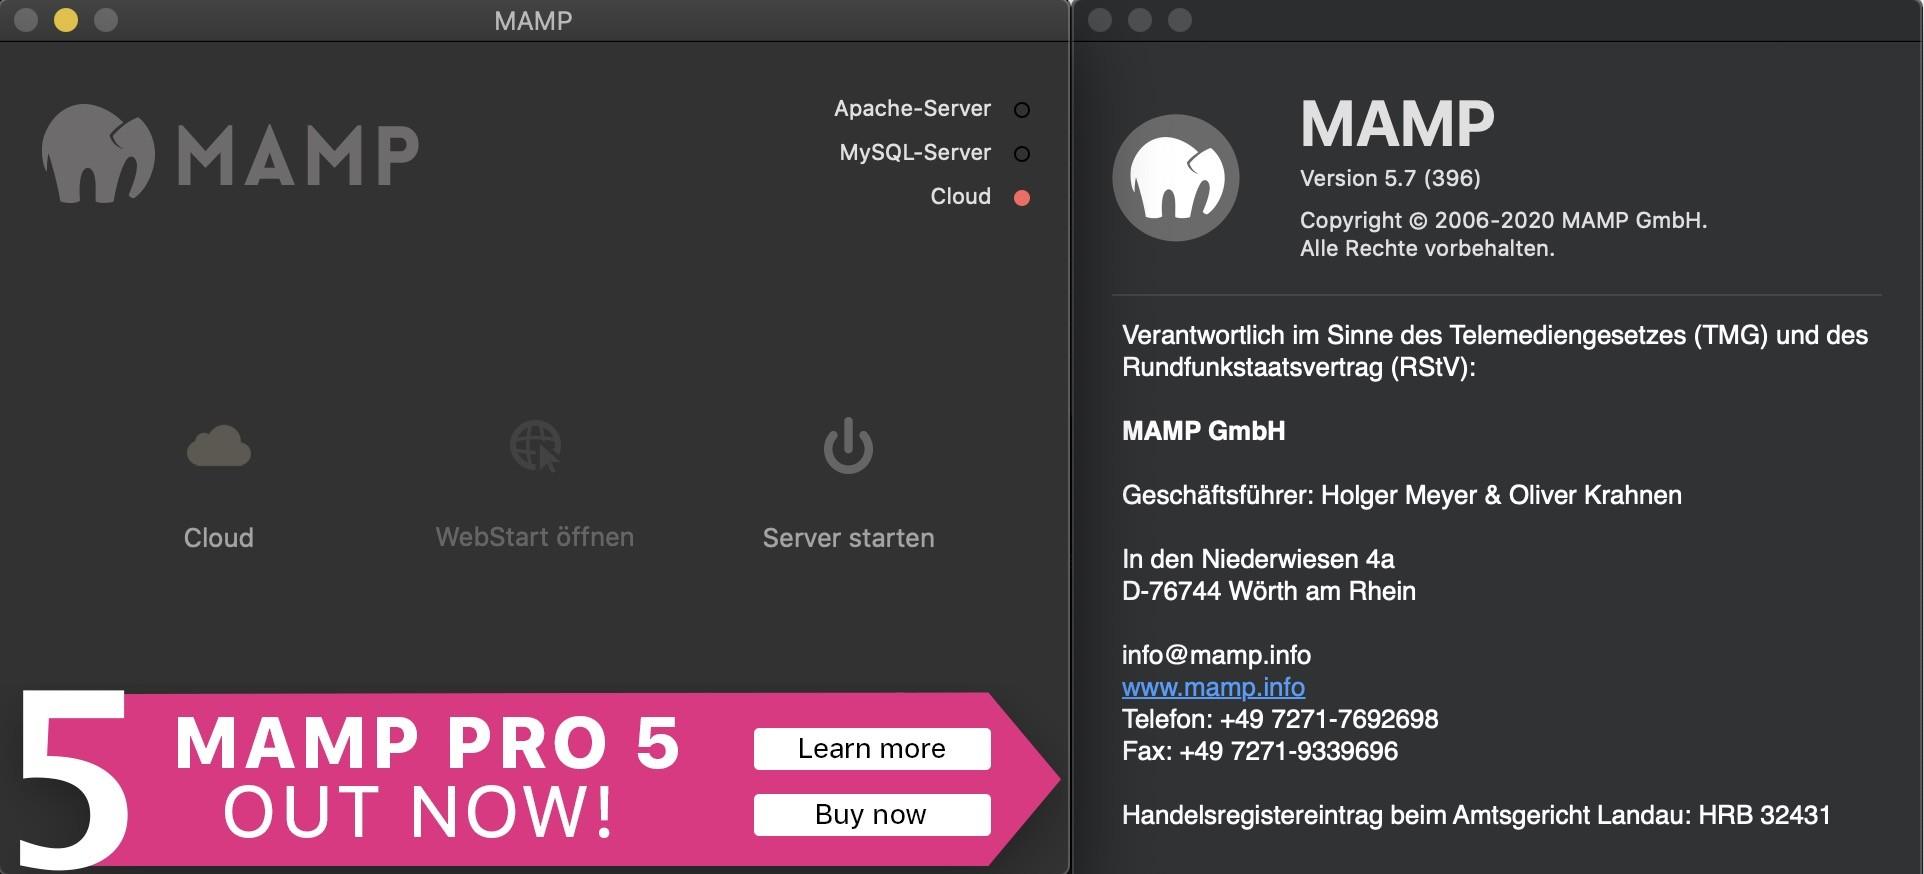 Shopware 6 lokal installieren Mac - MAMP neue Version